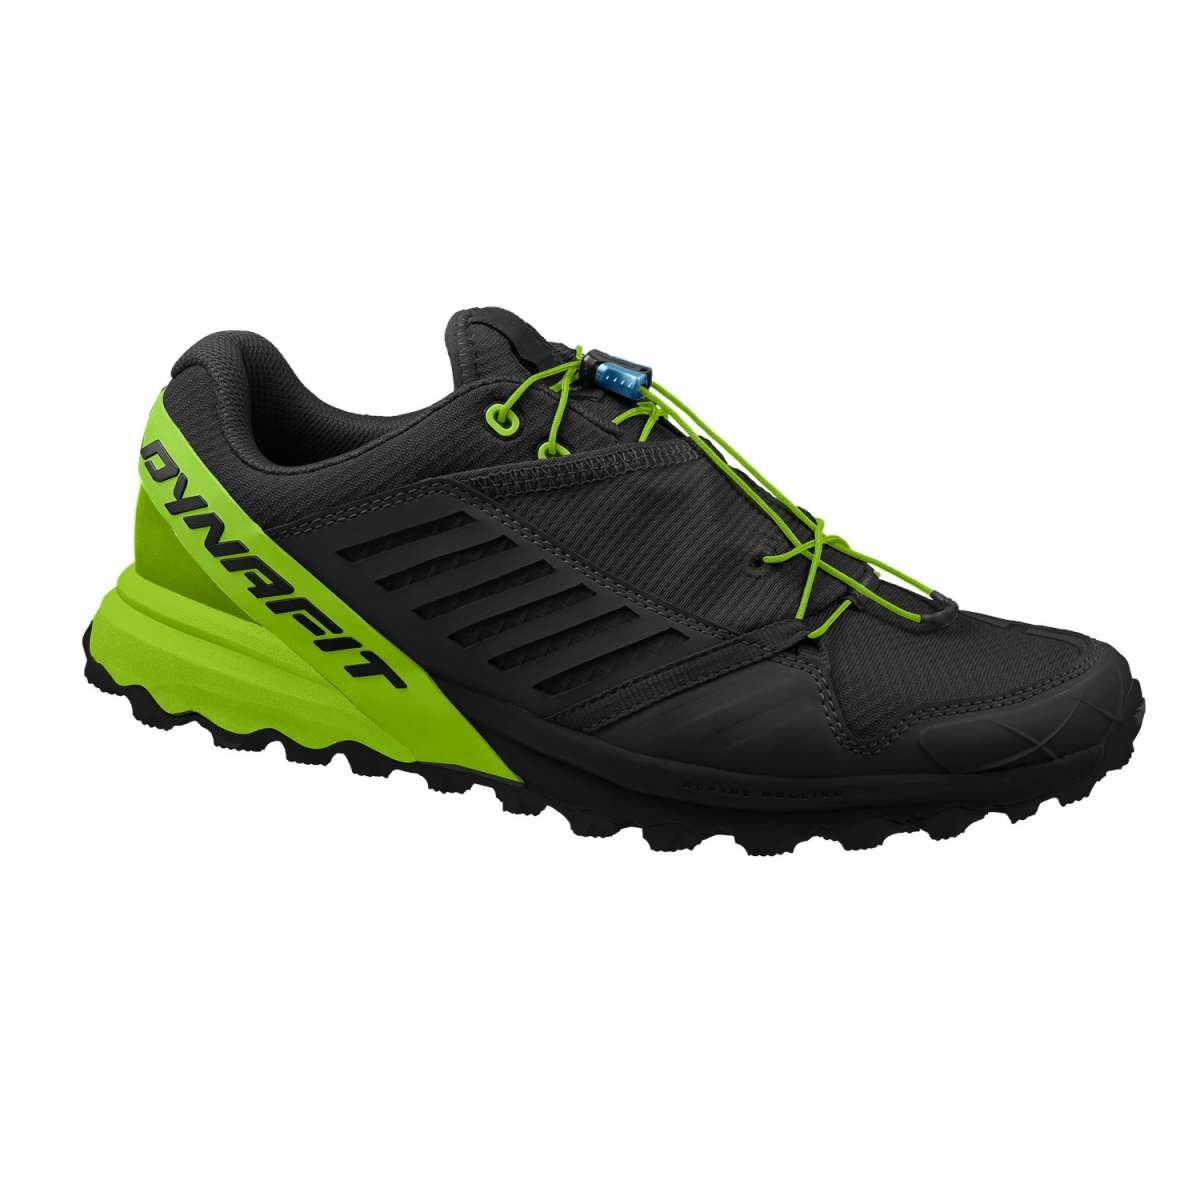 Dynafit Alpine Pro, Chaussures de Trail Homme 08-0000064028